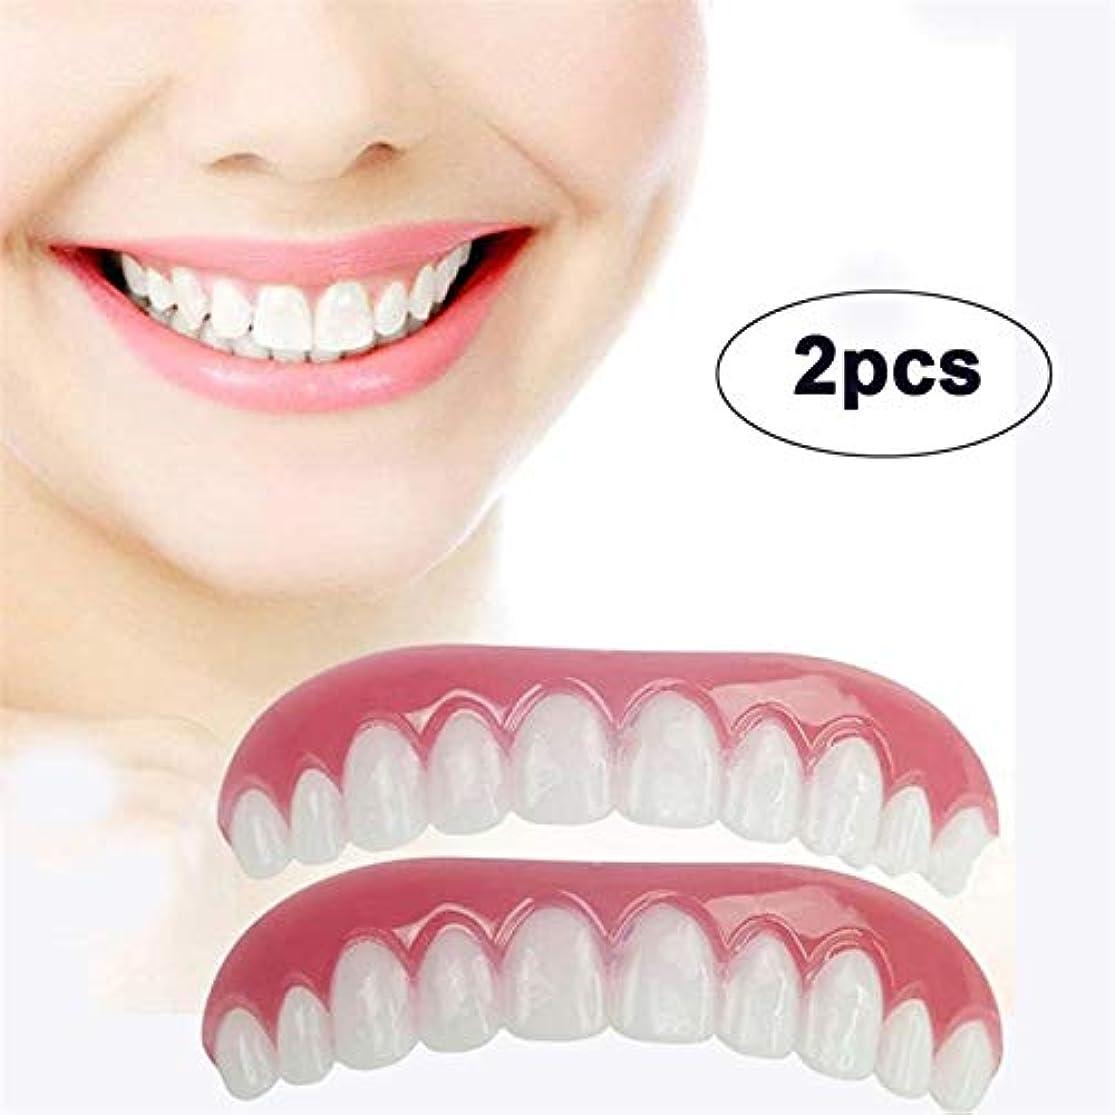 柔らかいメンタル倉庫2 ピース歯科ベニアコンフォートフィットフレックス化粧品歯義歯歯トップ化粧品ベニヤポリエチレン Dentaduras Dentes Falsos